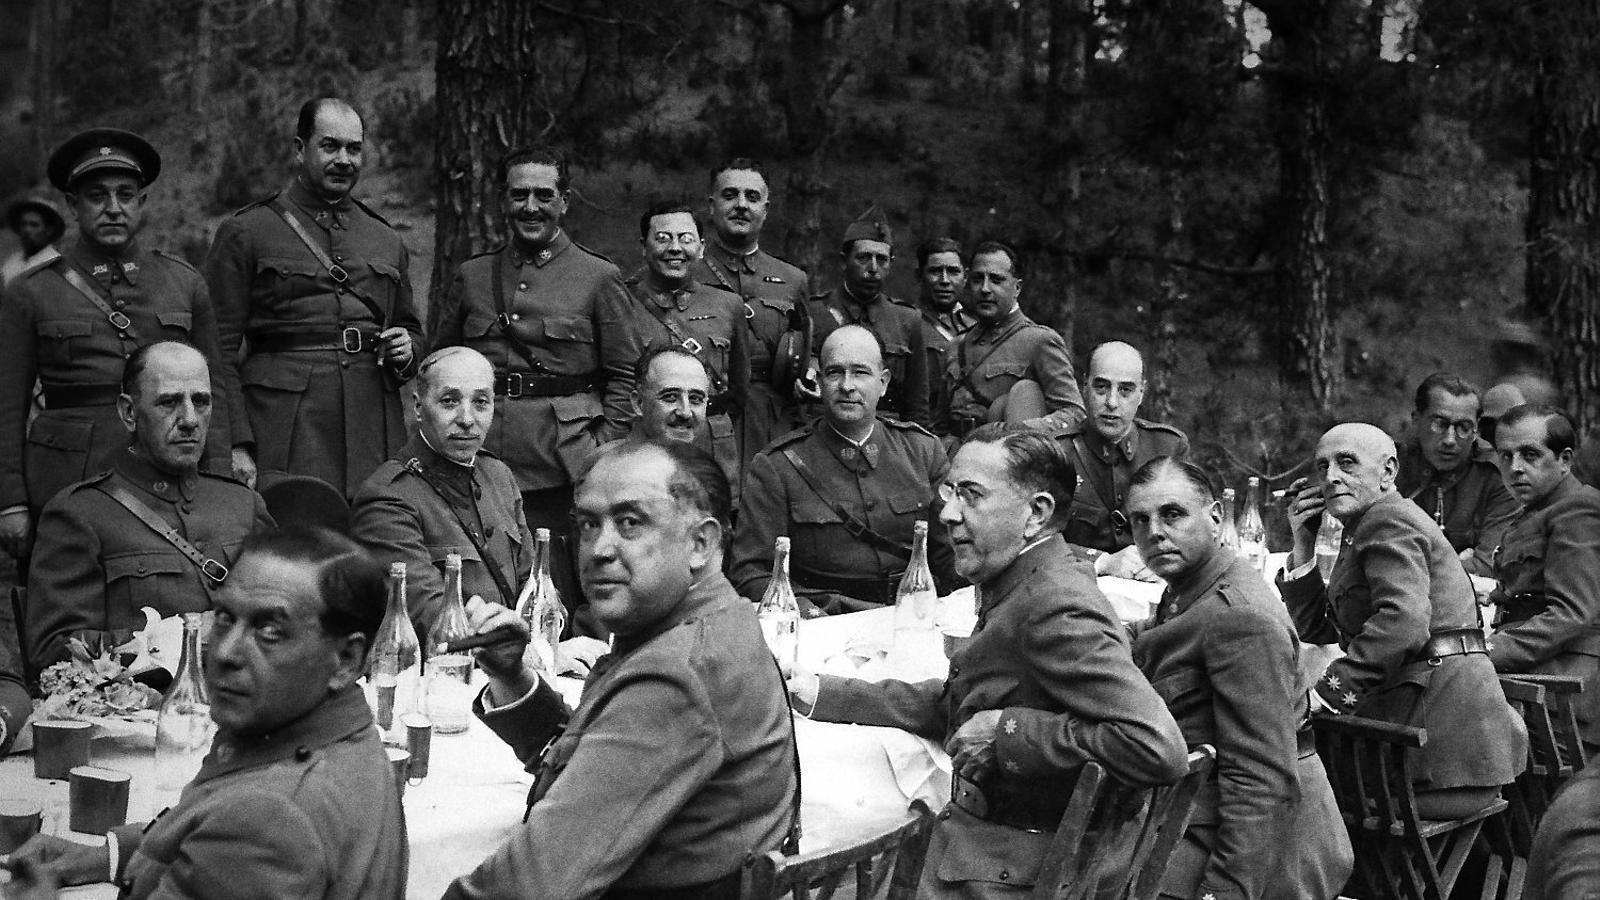 Franco, al centre, el juliol del 1936 a Tenerife, poc abans de l'atemptat.